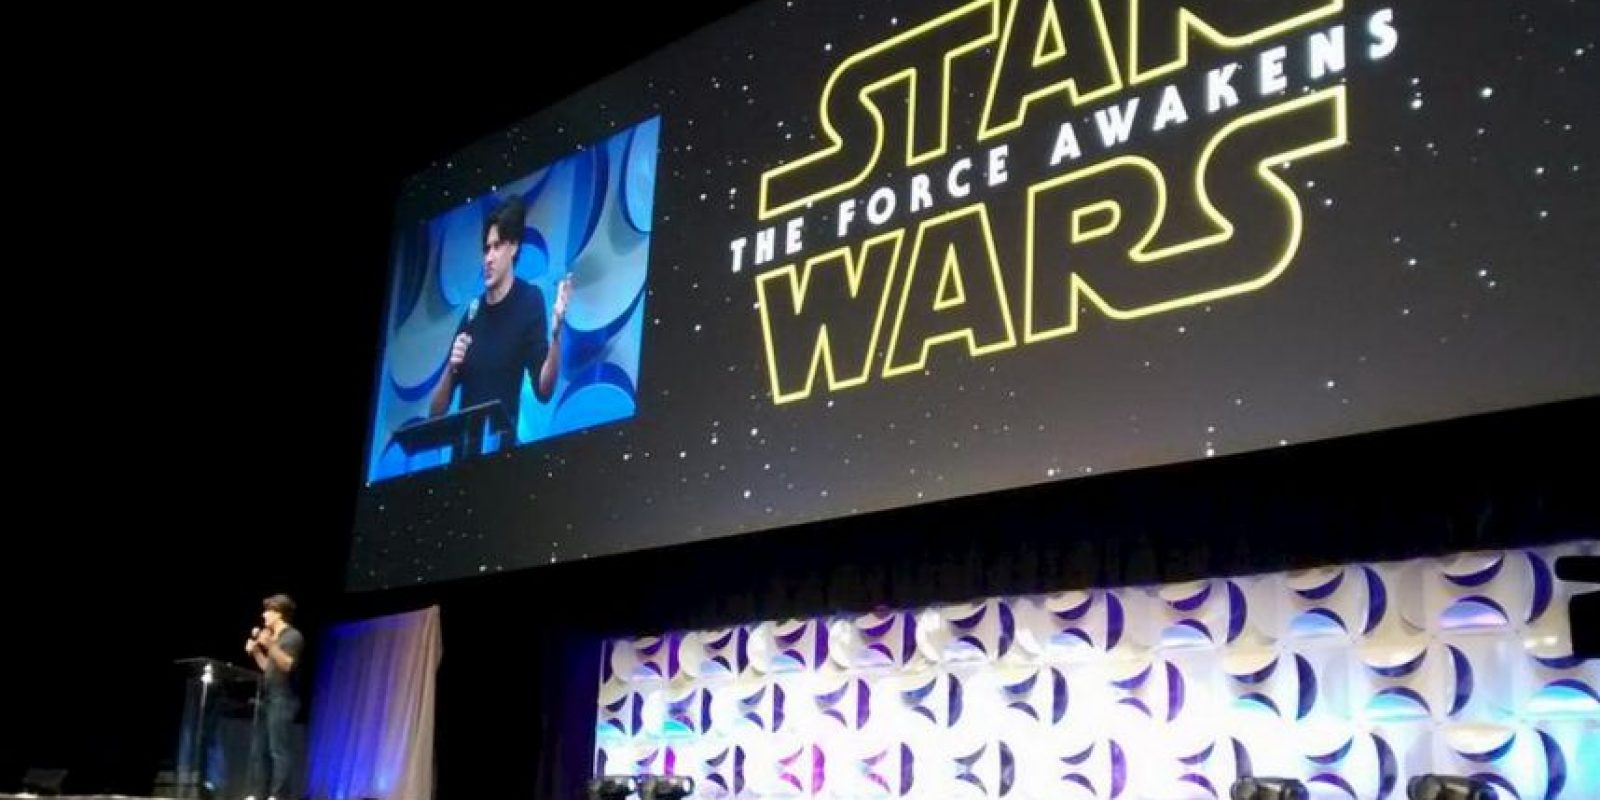 """Hoy comenzó la """"Star Wars Celebration"""" evento cumbre para los fanáticos de estas películas. La sede del evento es Anaheim, California Foto:Twitter"""